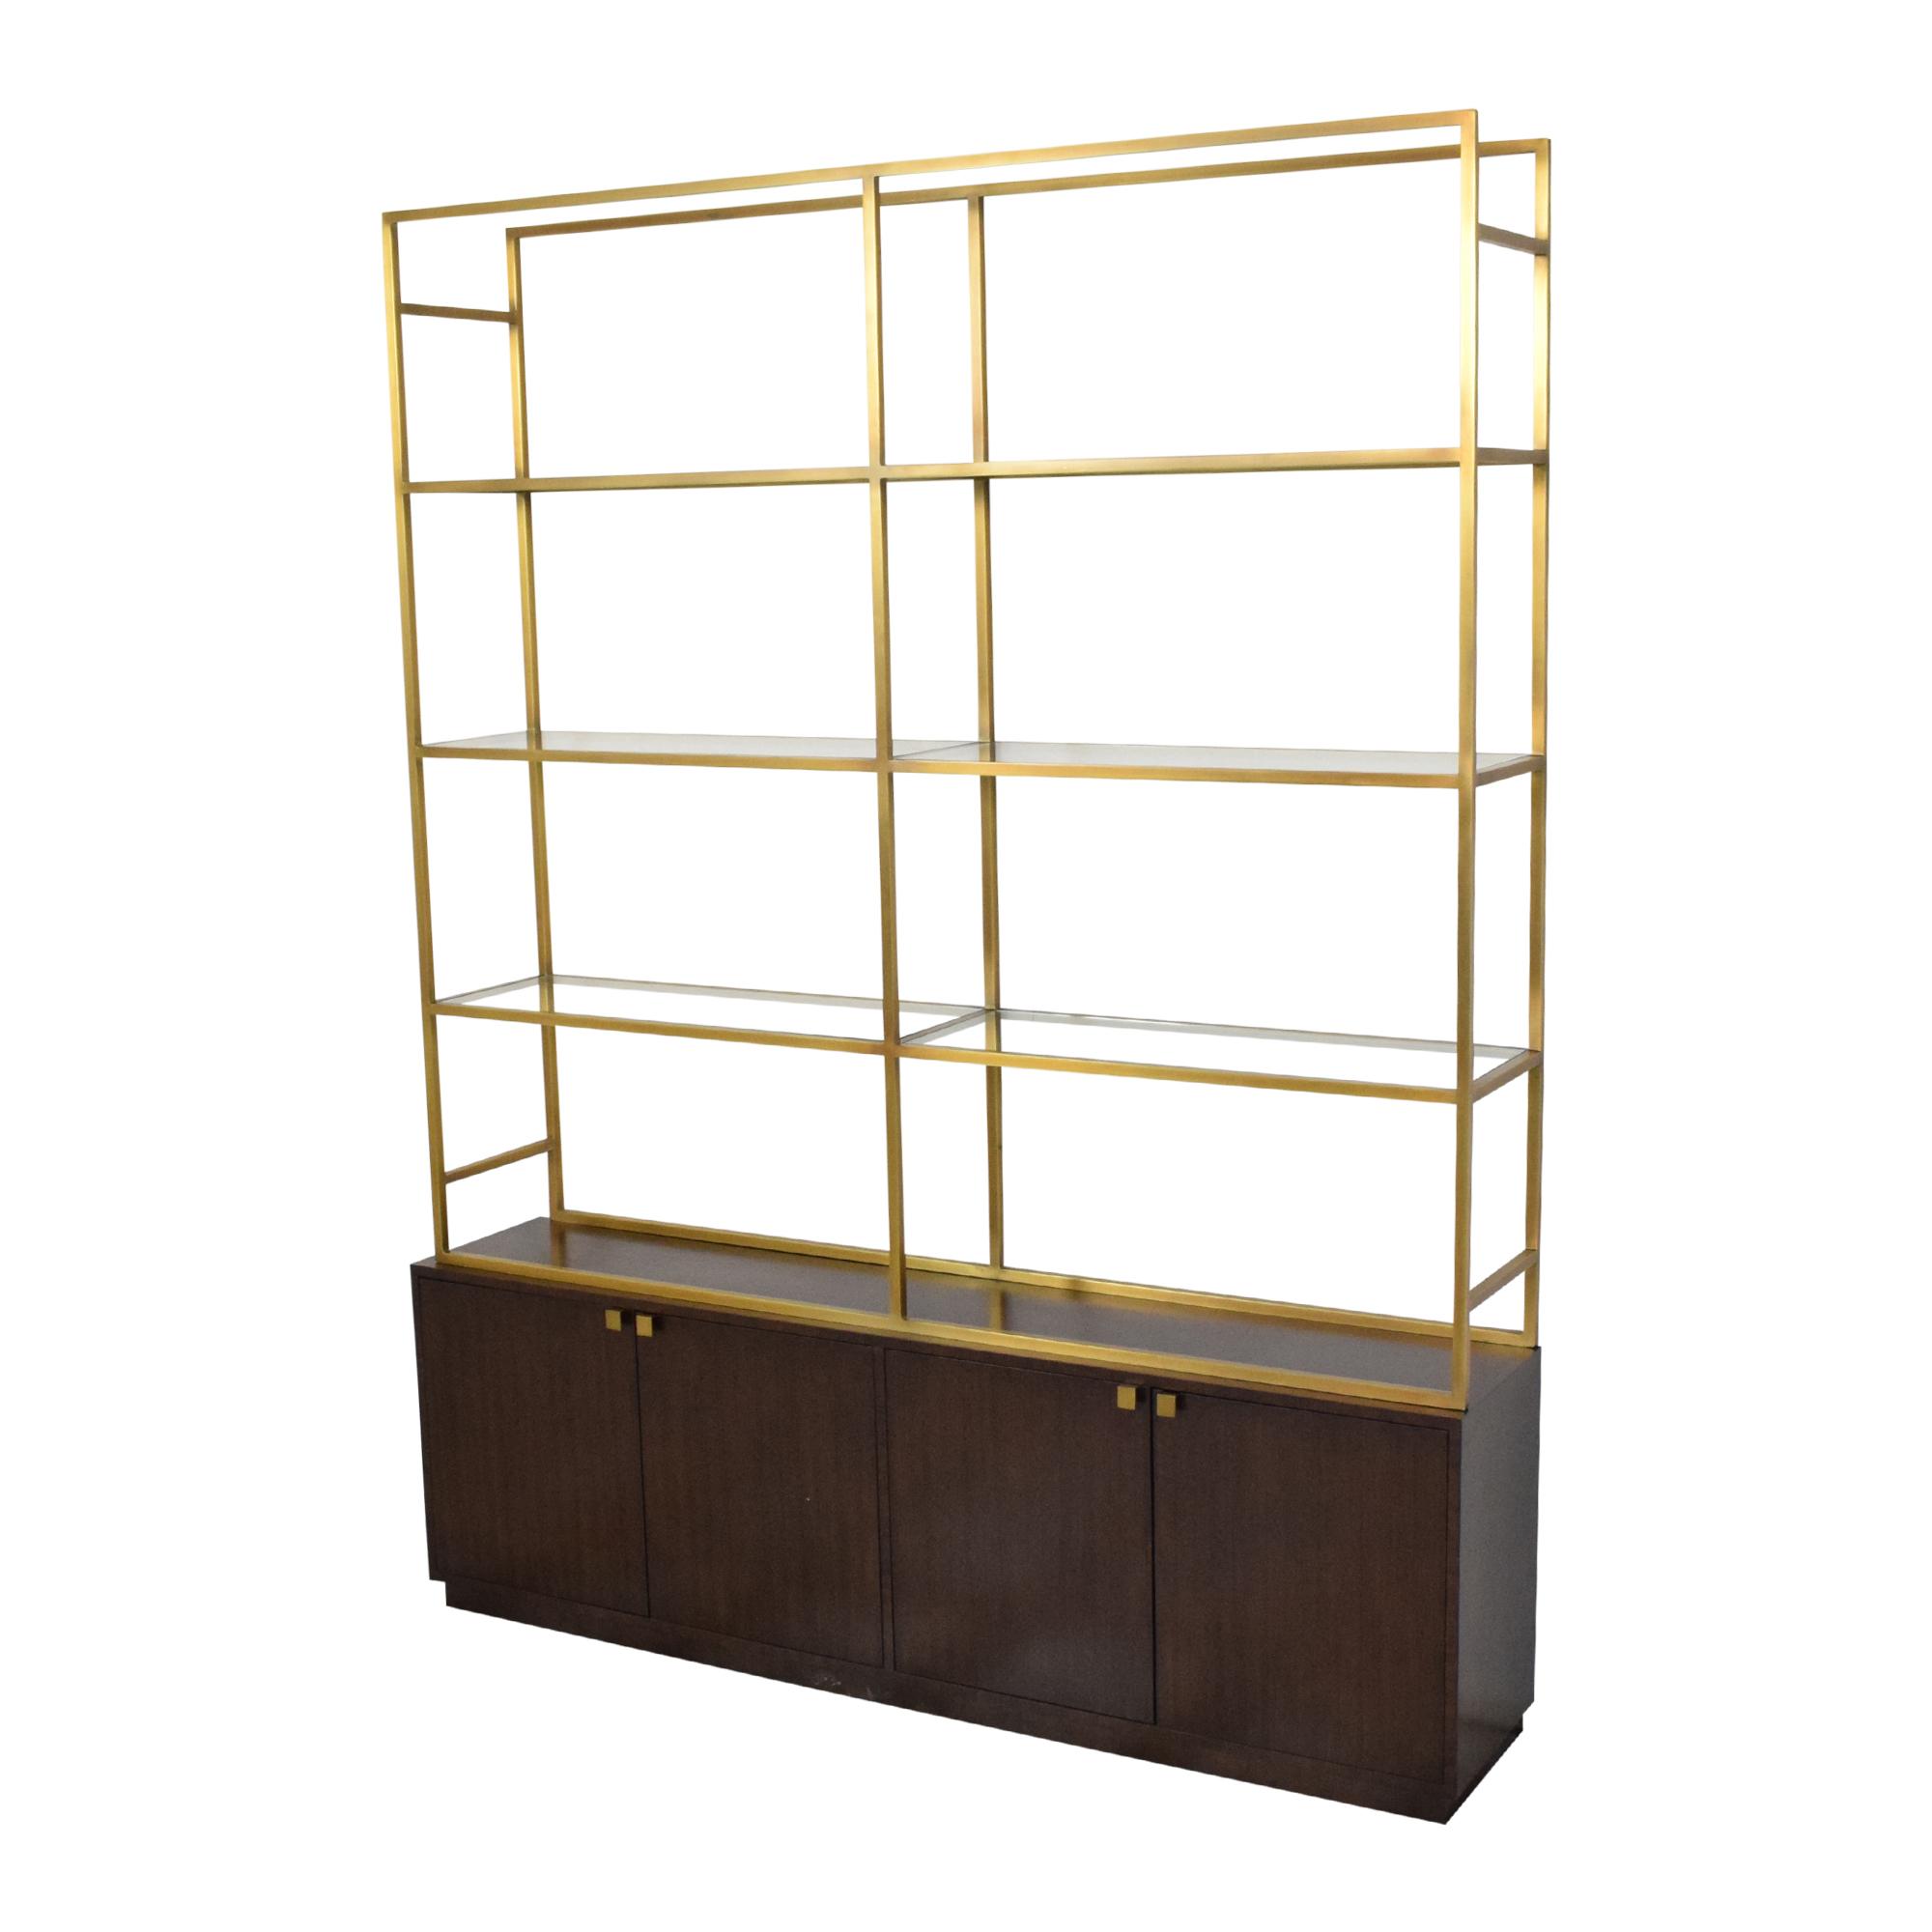 shop Restoration Hardware Sideboard with Etagere Style Bookcase Restoration Hardware Bookcases & Shelving